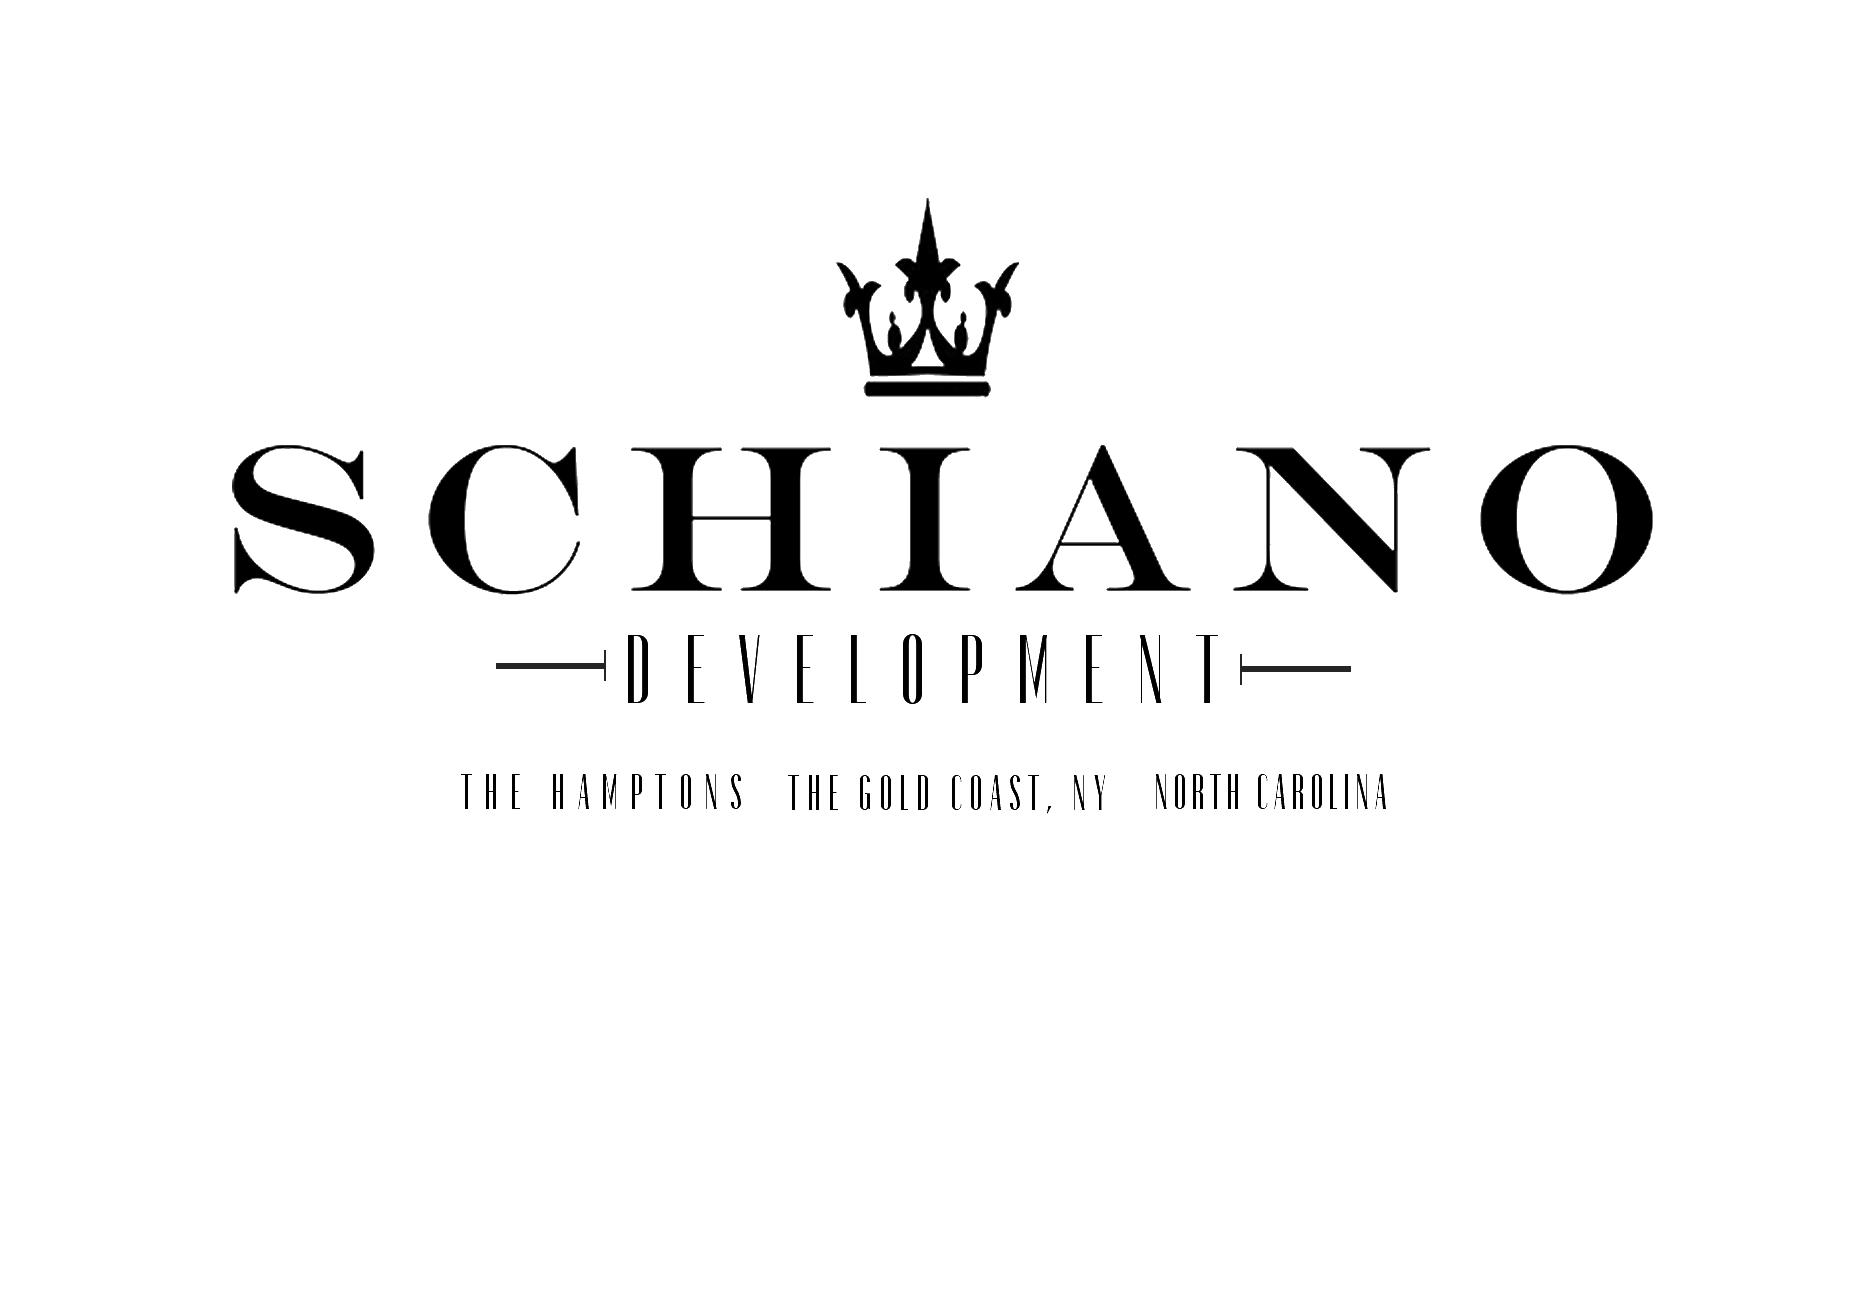 Schiano Development